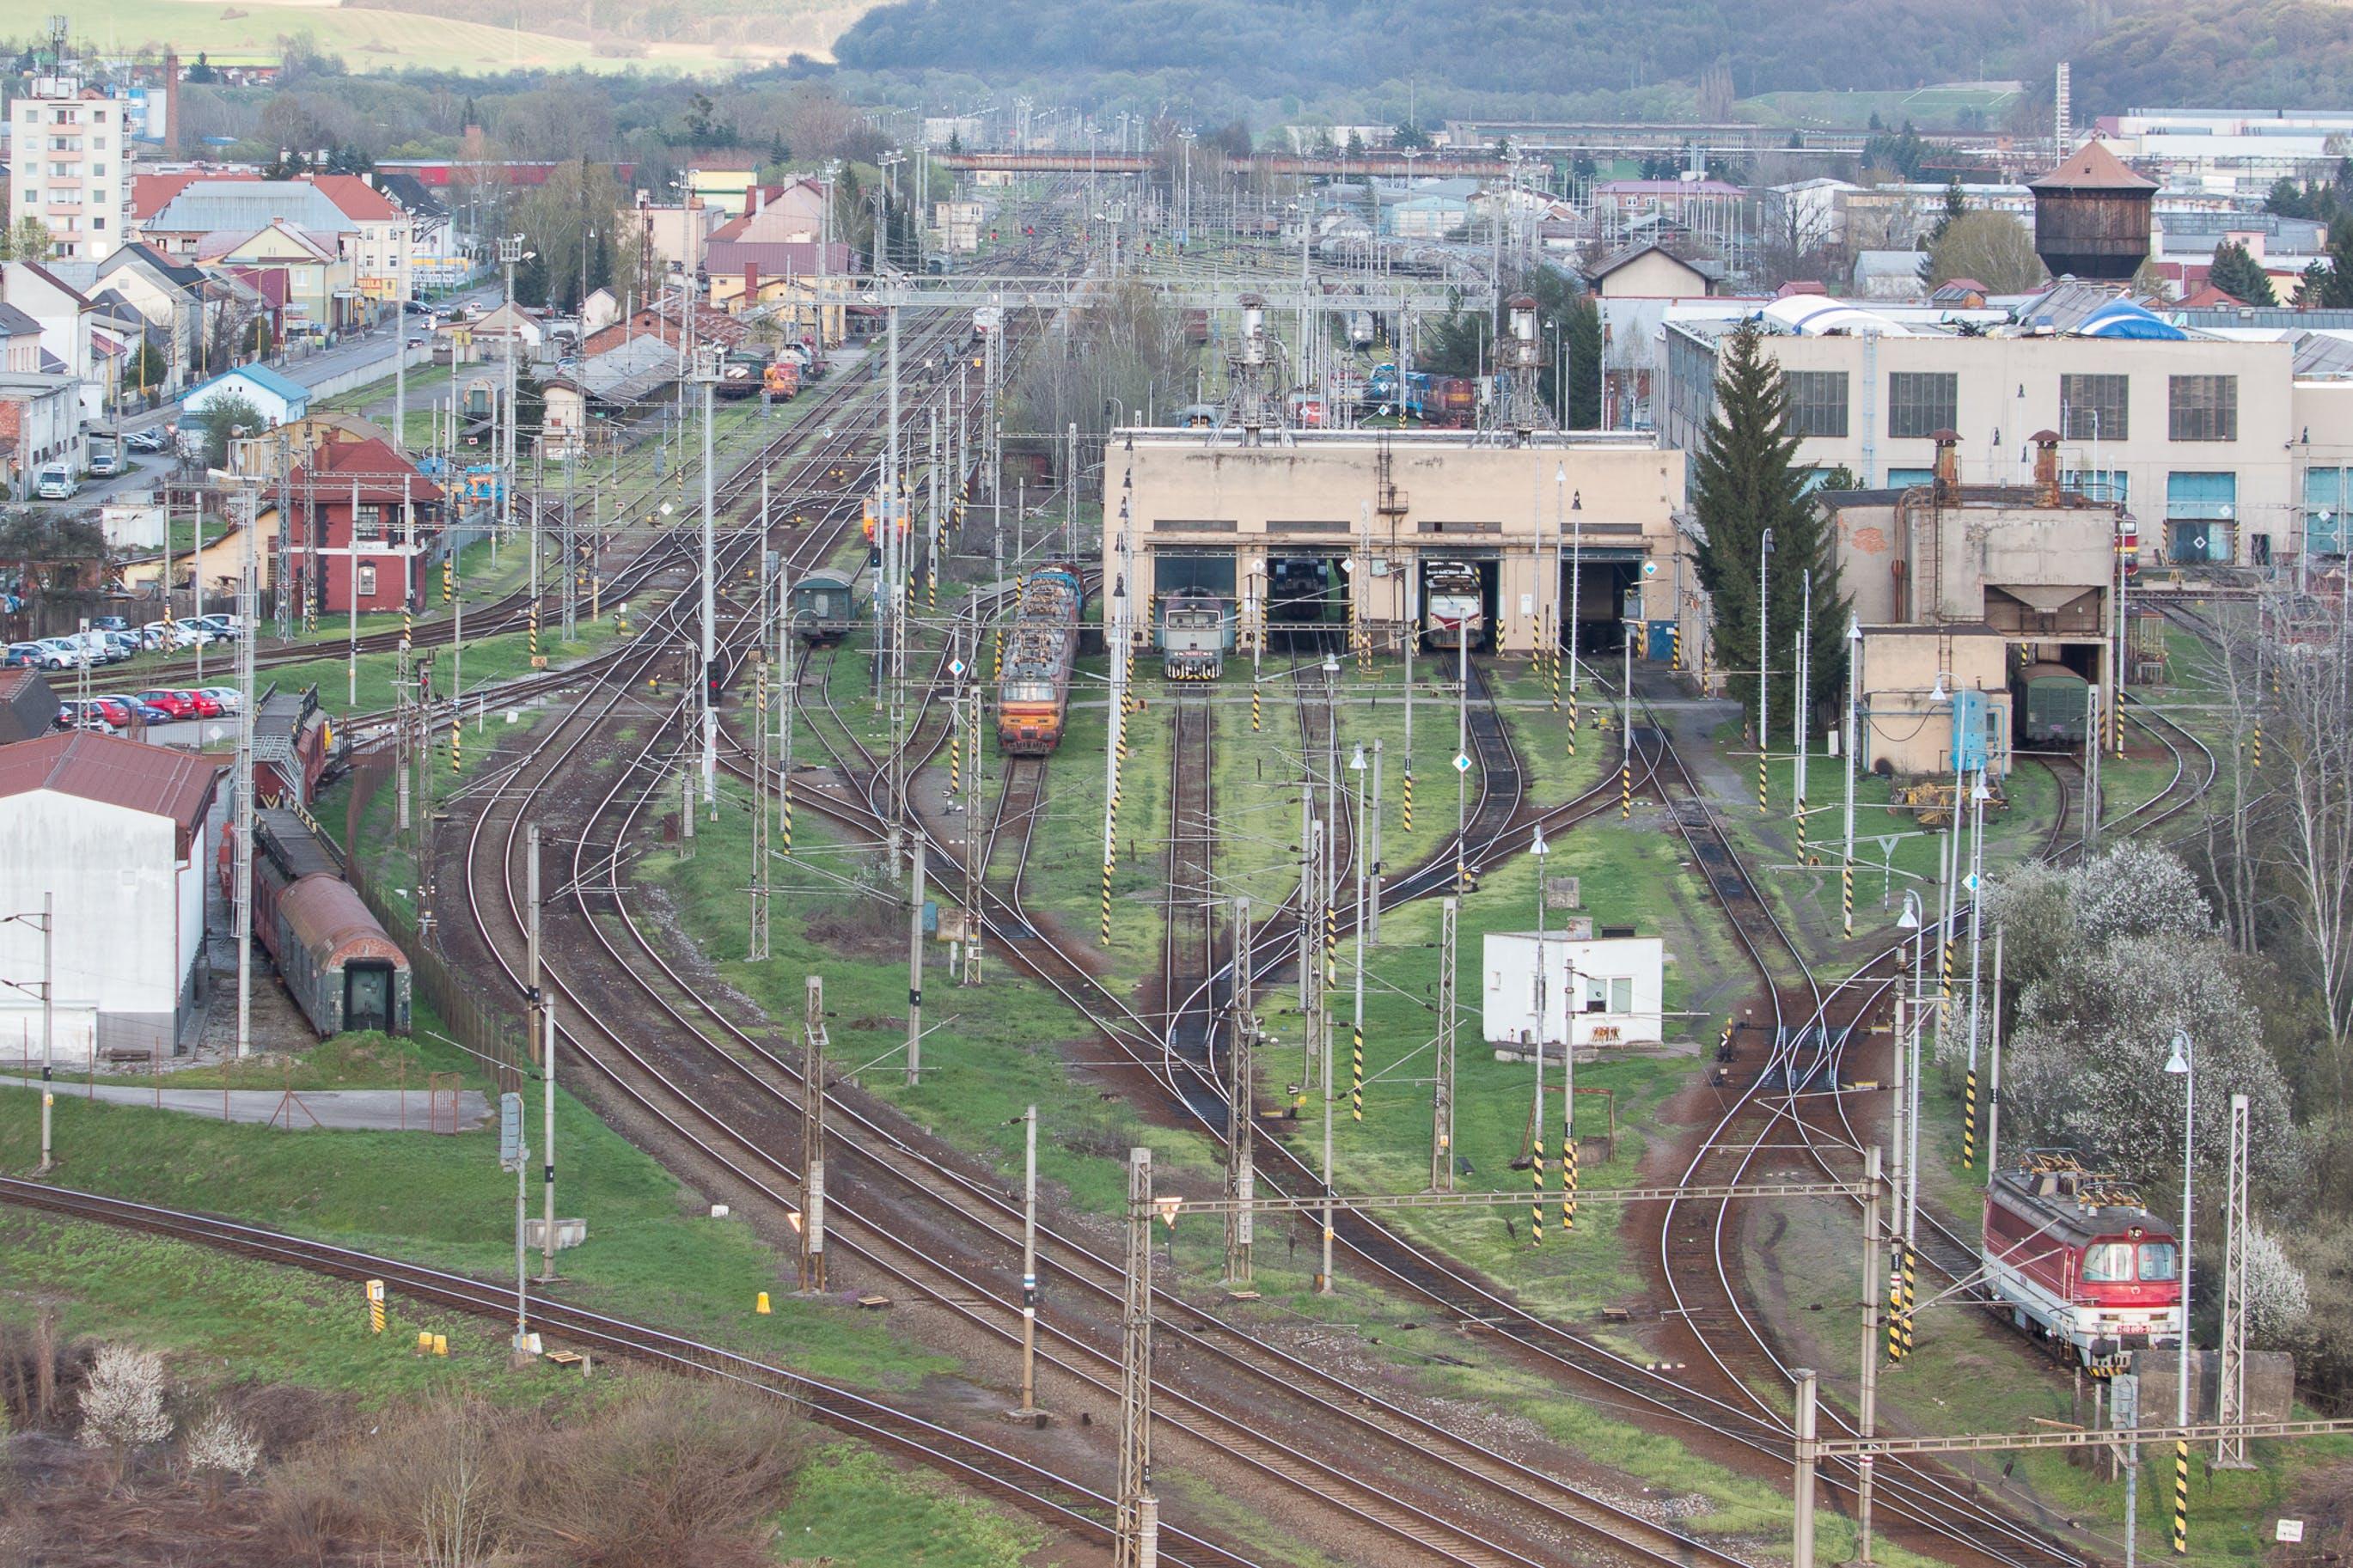 Fotos de stock gratuitas de reparación ferroviaria, zvolen